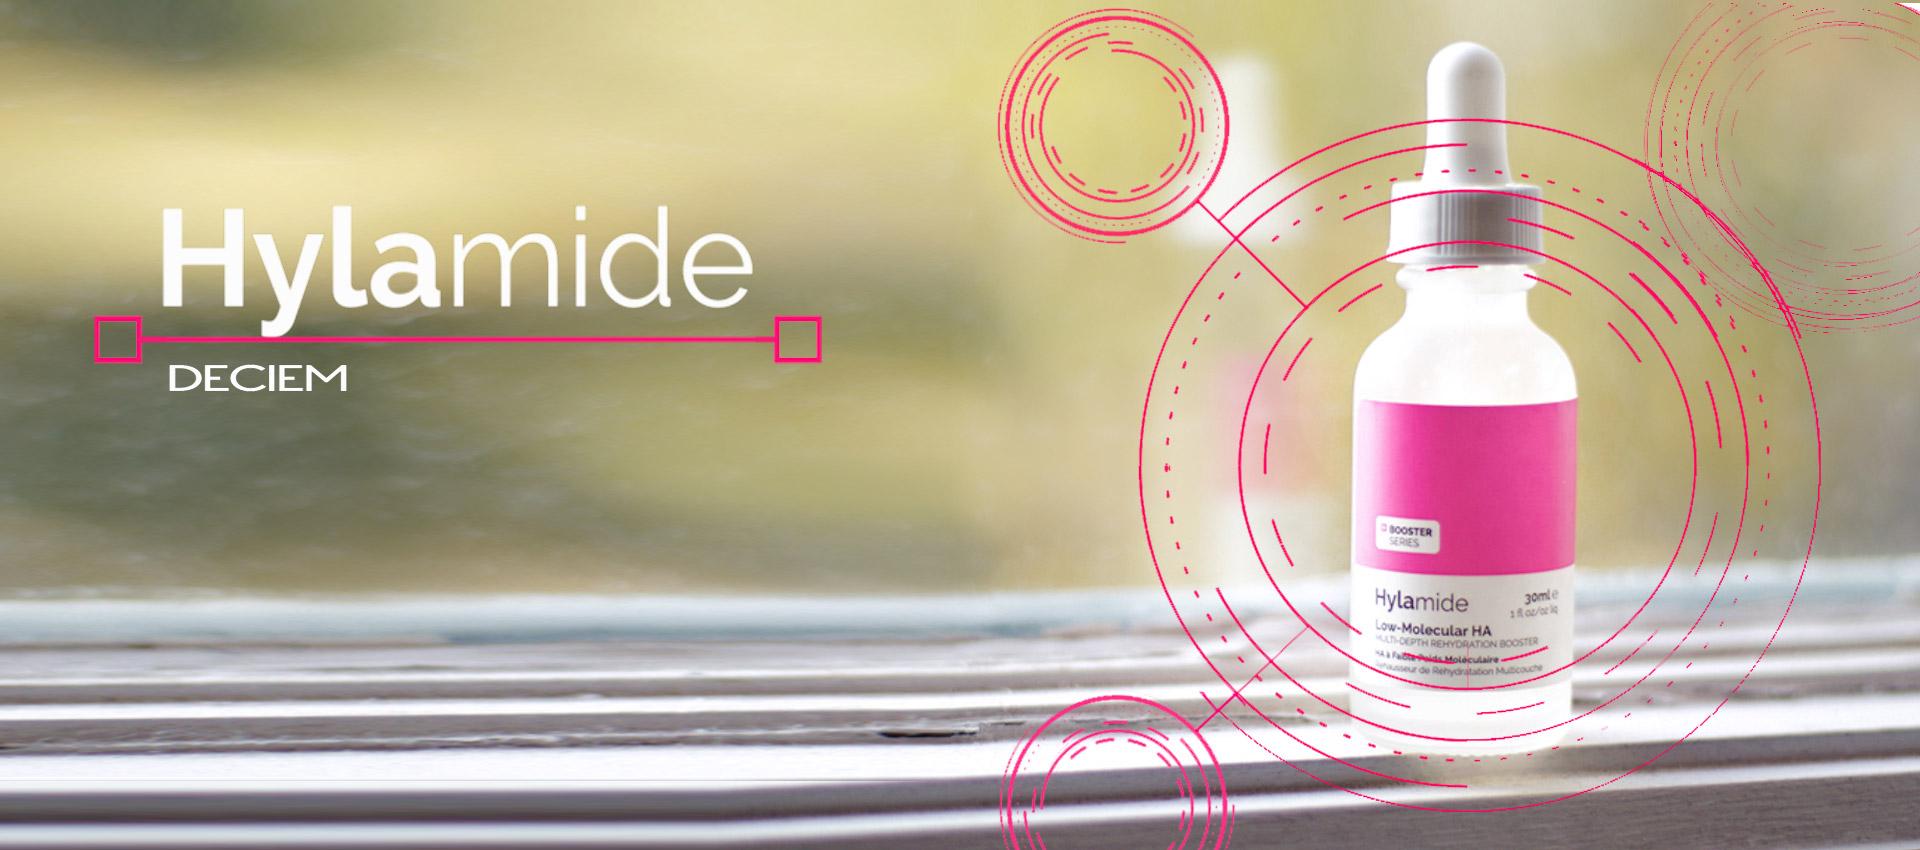 hylamide-new-banner.jpg